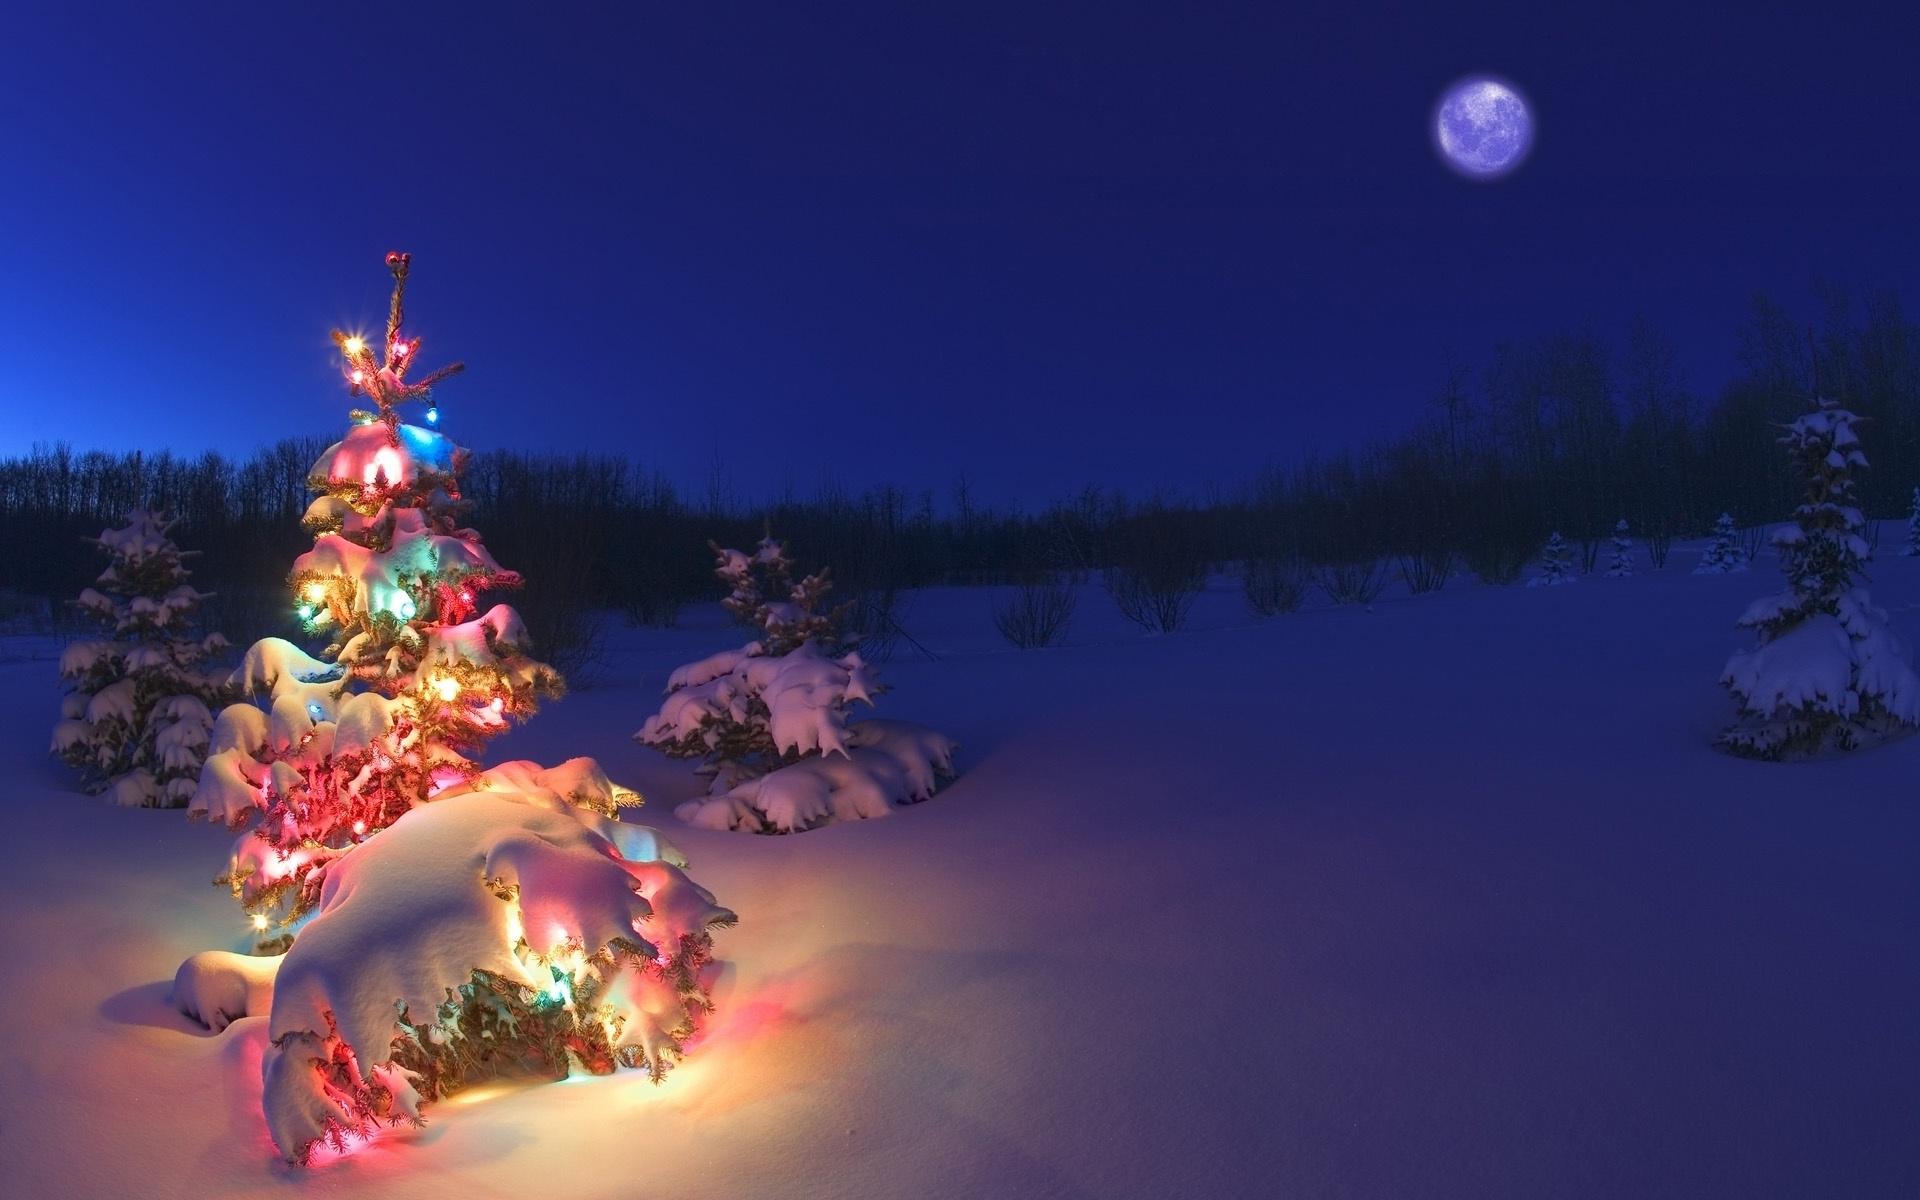 christmas tree lights snow wallpaper hd. - media file | pixelstalk